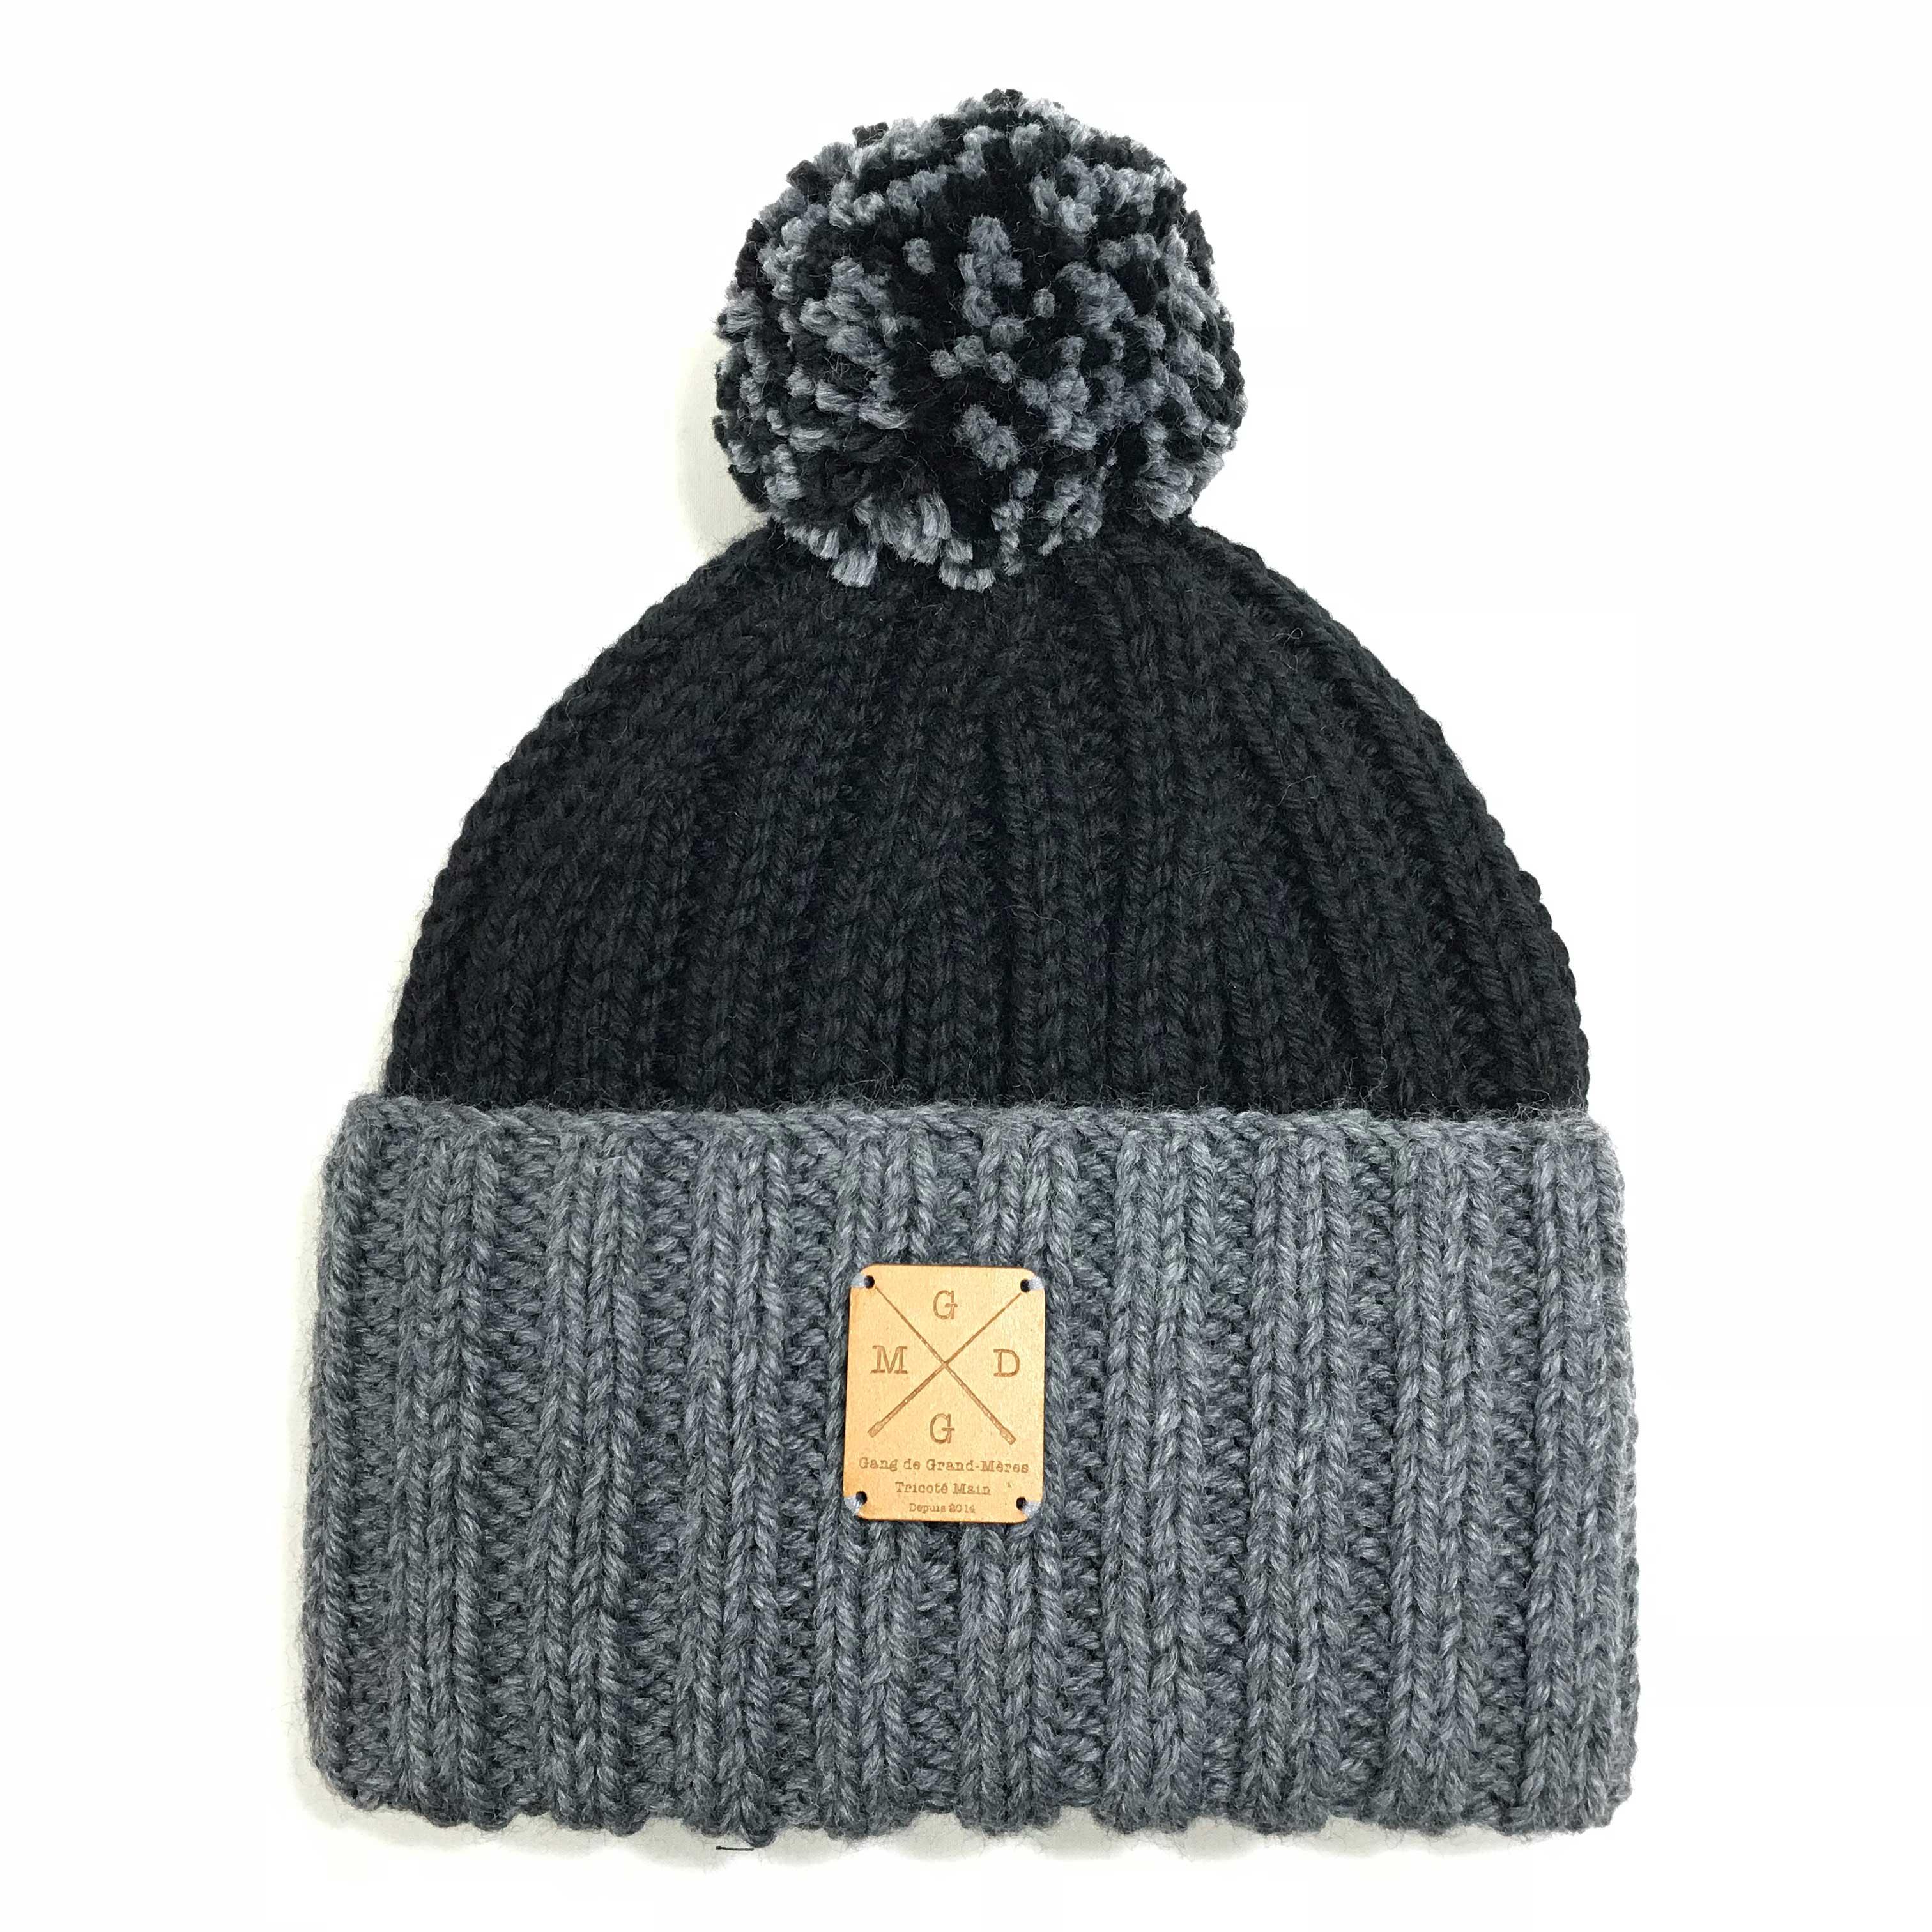 5 h, c est le temps passé par Chantal, Maryse ou encore Christiane, les  tricoteuses du GANG DE GRAND MÈRE, pour vous confectionner ce bonnet stylé  avec une ... fabb882dbdb